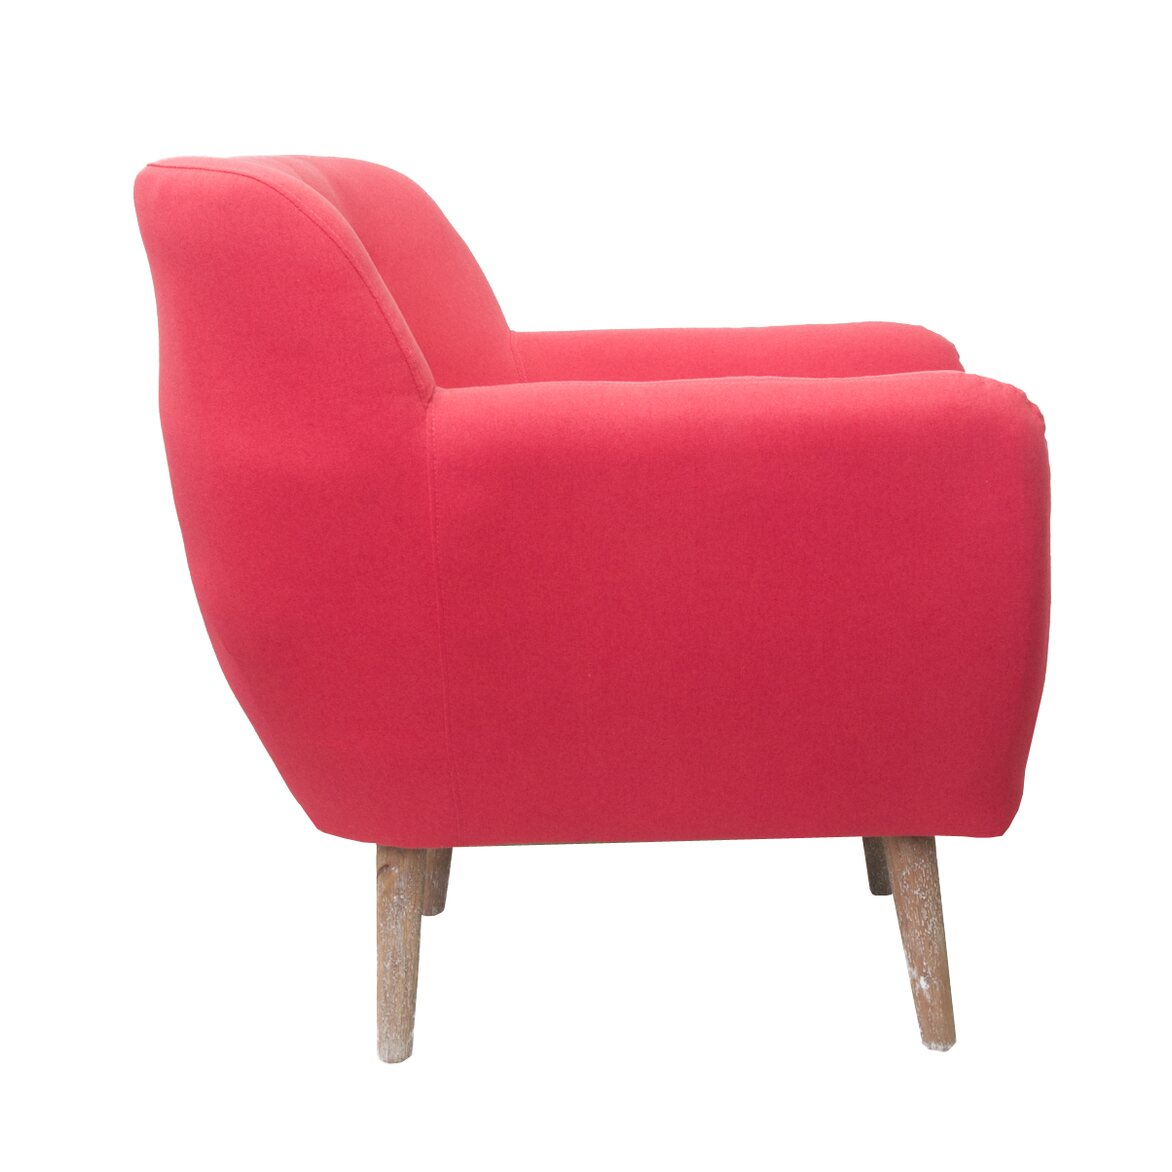 Низкое кресло Fuller red 2   Маленькие кресла Kingsby